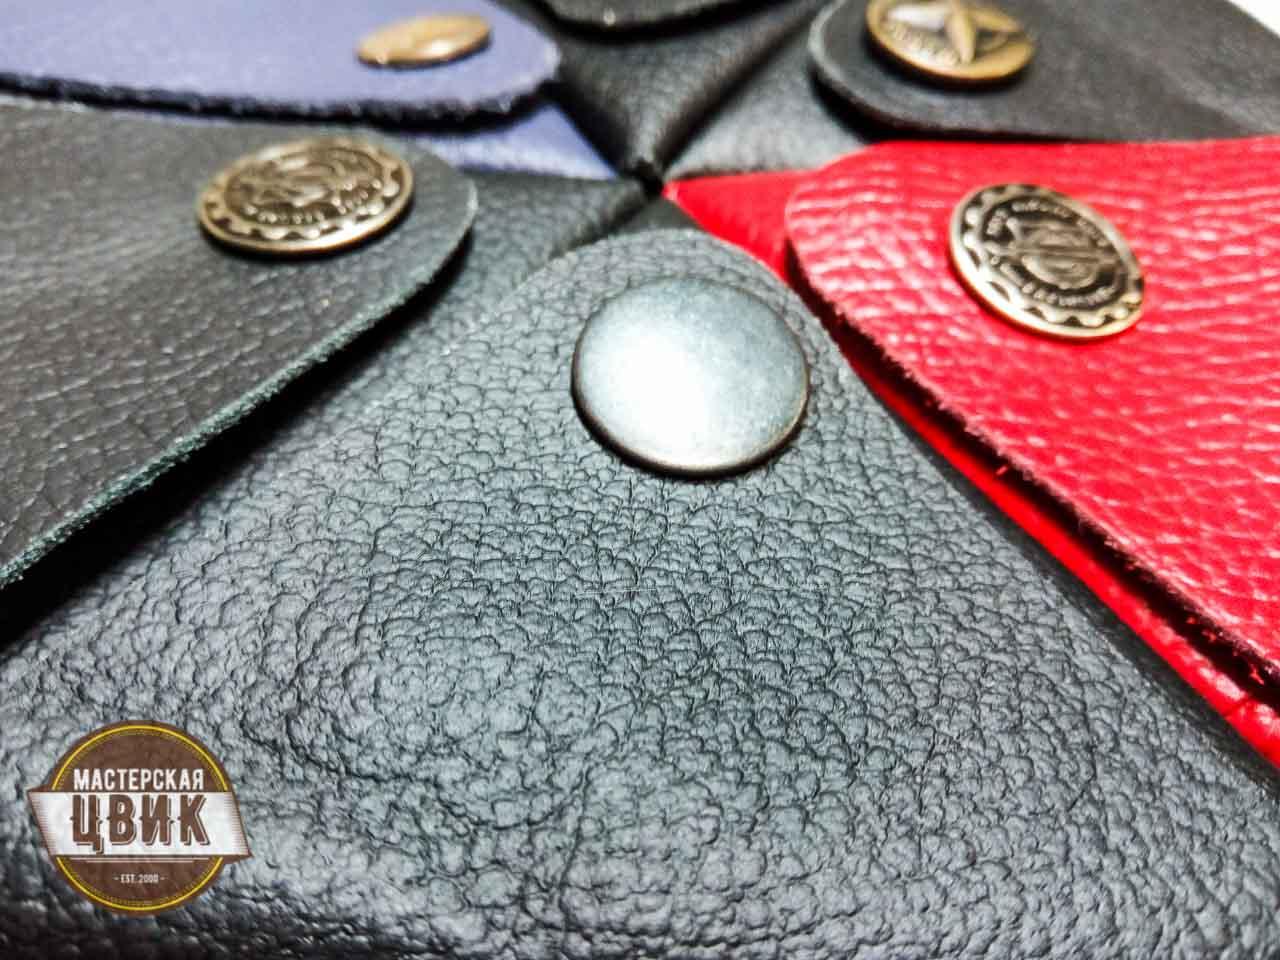 monetnitsa-karmannaya-kupit-v-minske Кожаные монетницы